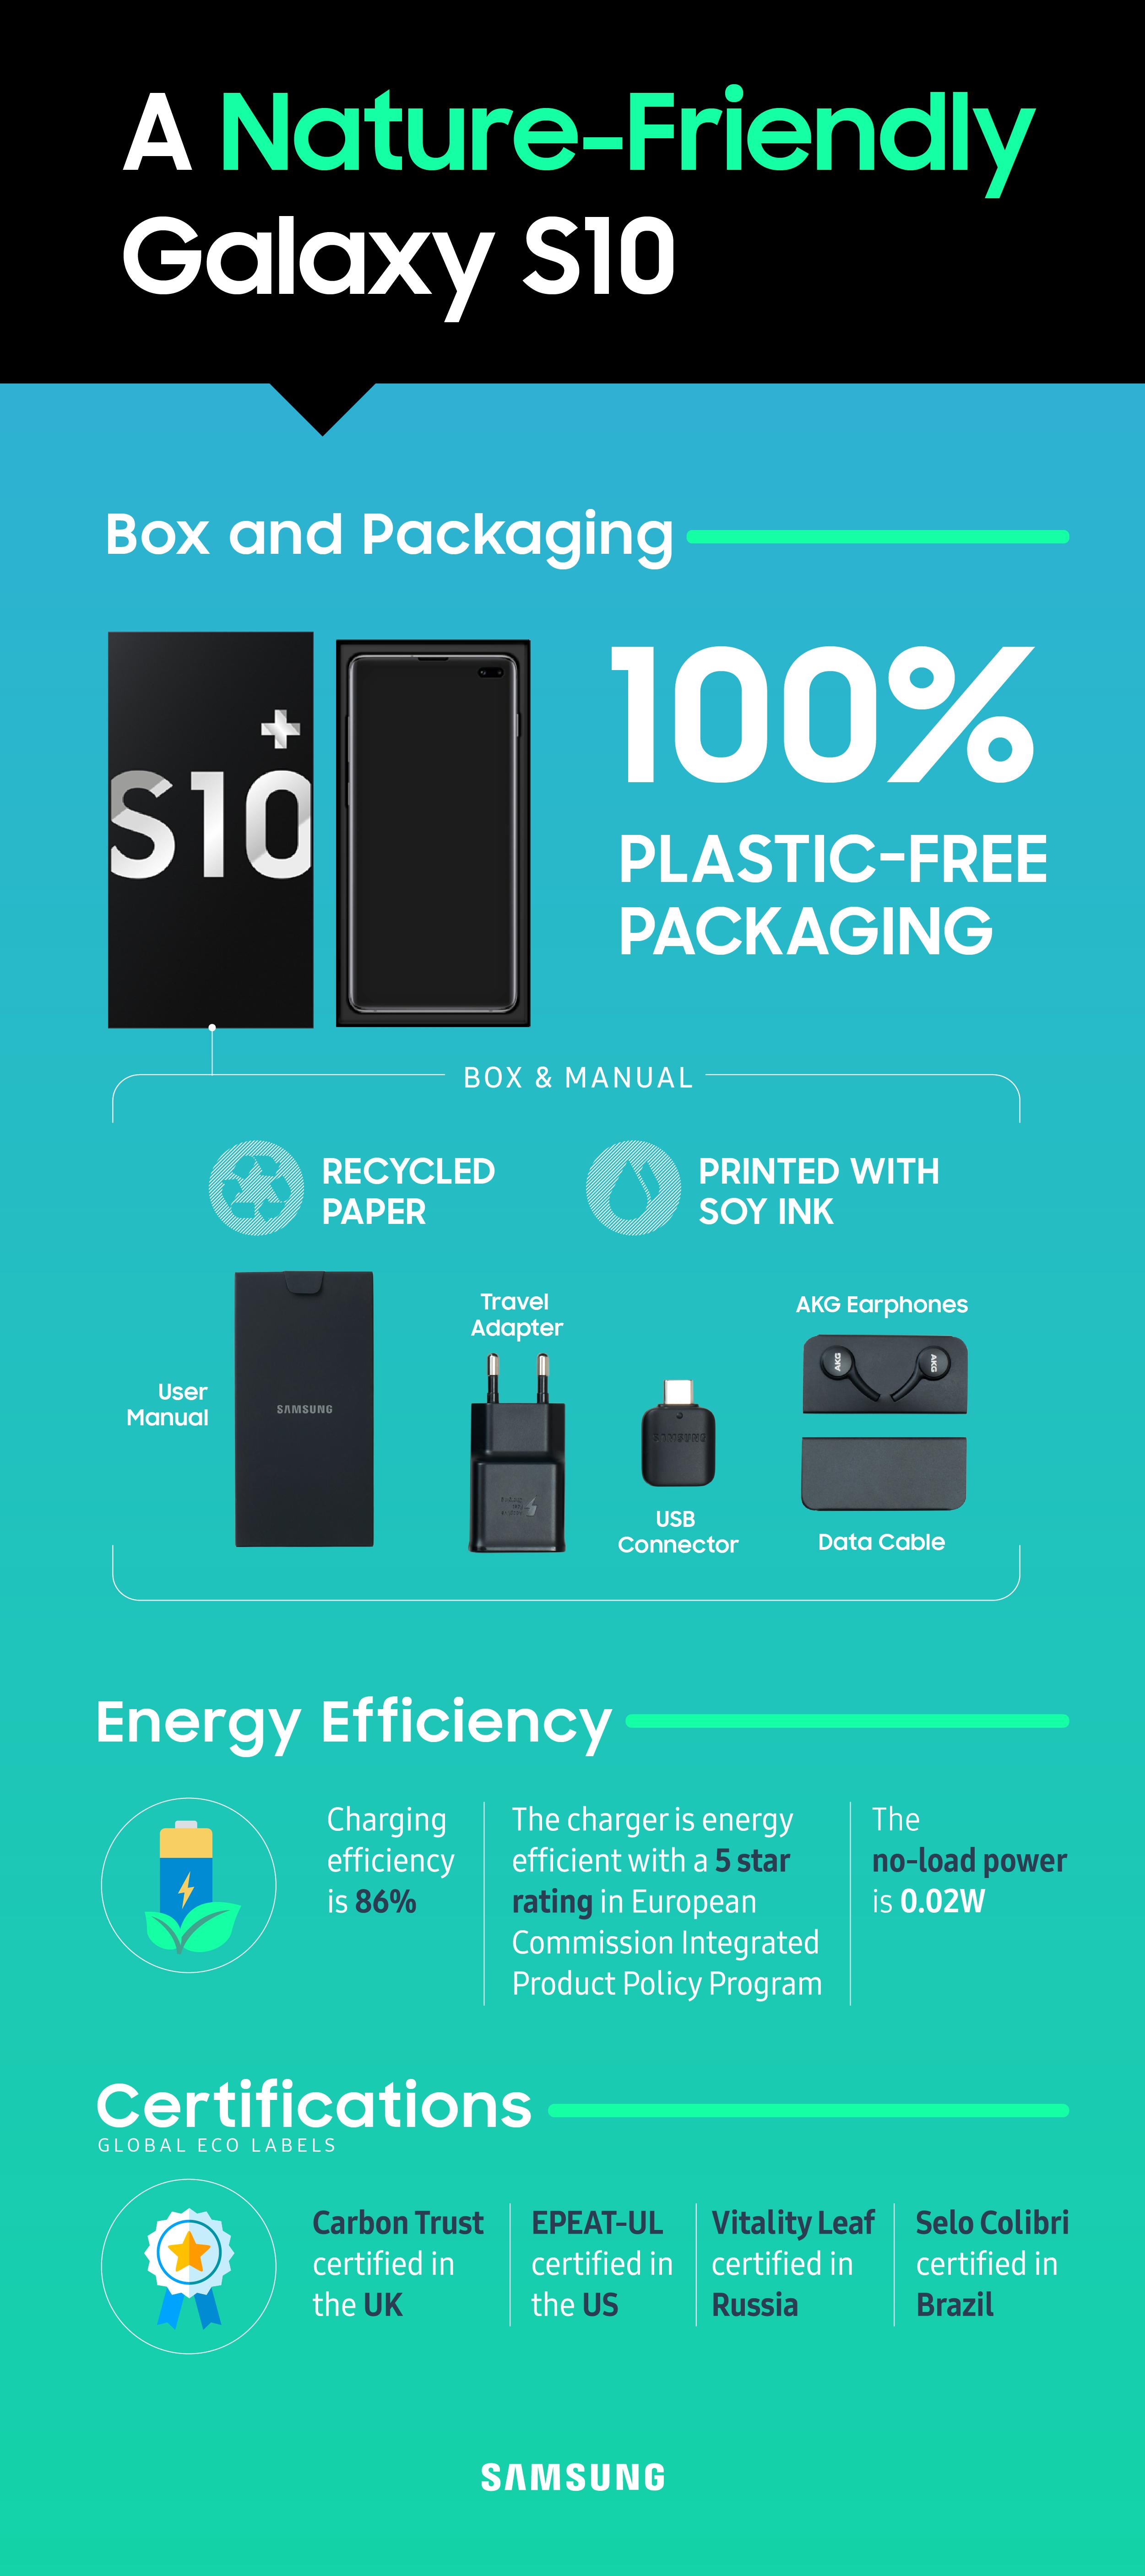 [Инфографика] Из чего сделана эко-упаковка Galaxy S10